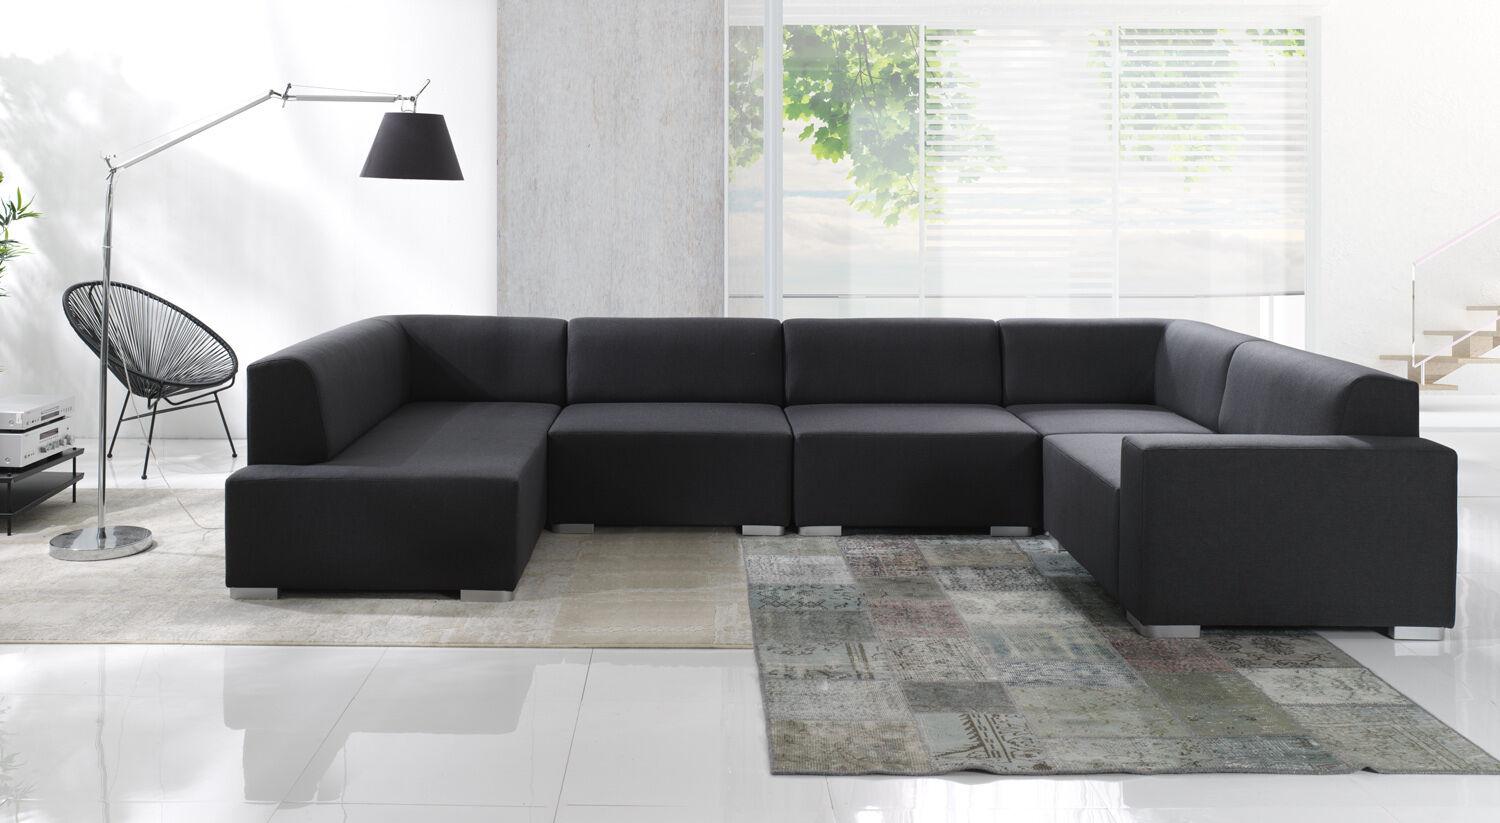 COUCH CUBIC 5 TEILE Couchgarnitur Wohnlandschaft Big Sofa Modulsofa  Polsterecke 1 ...